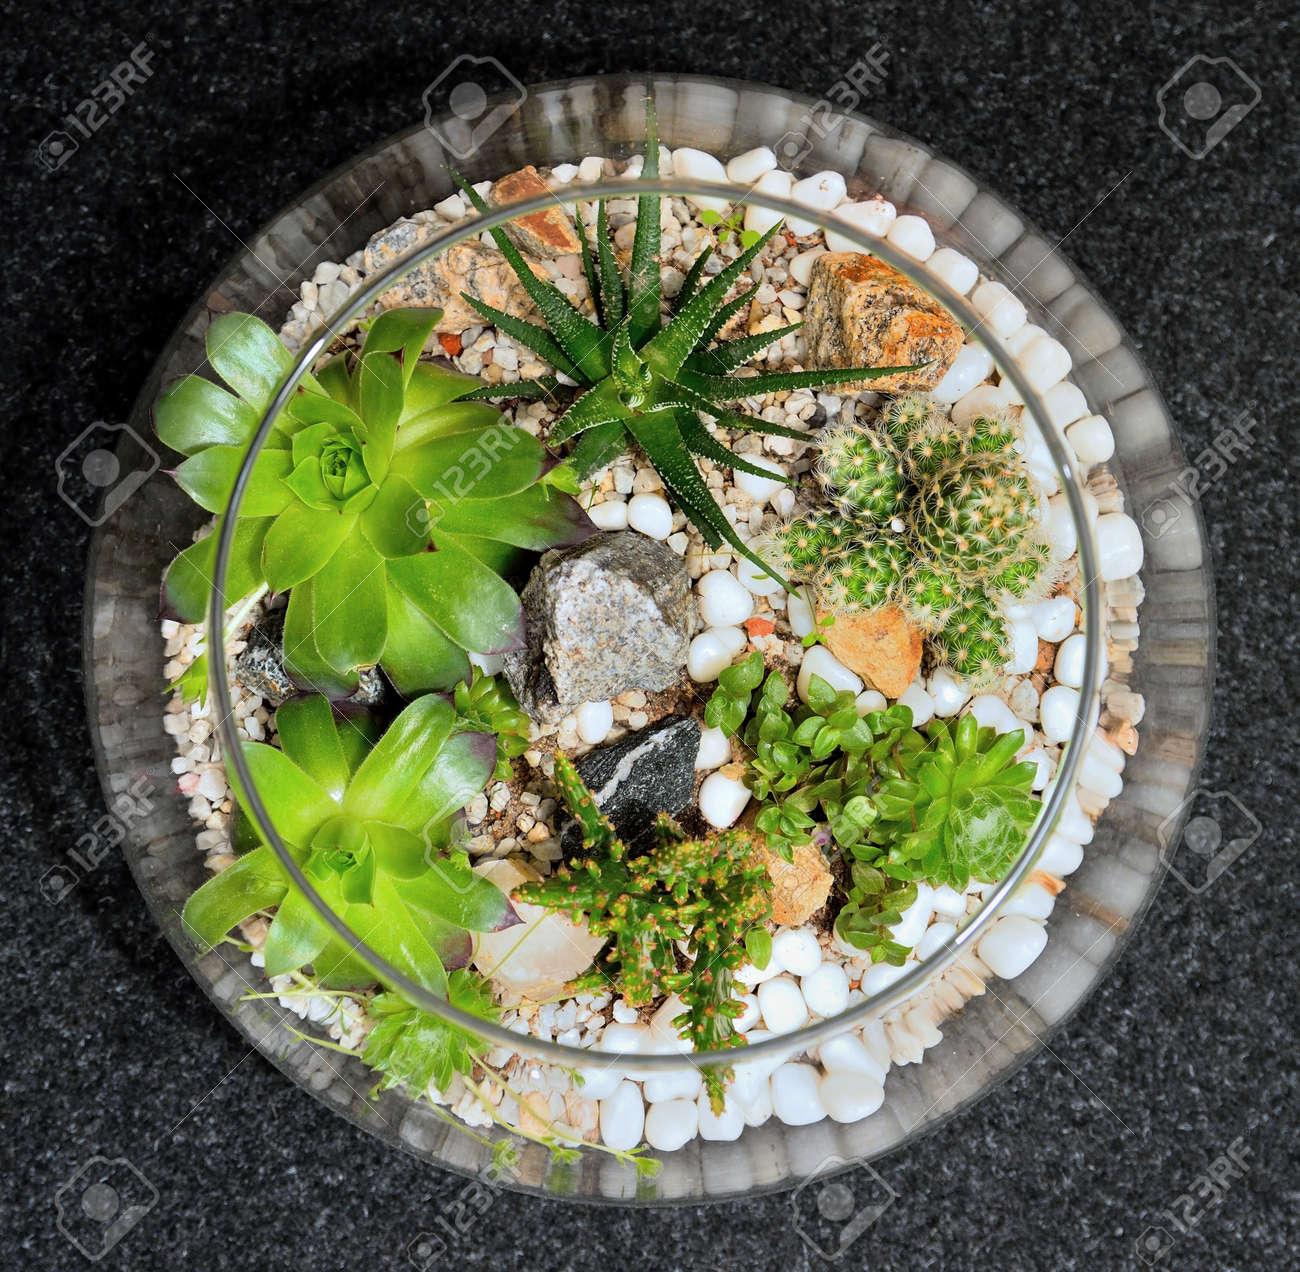 サボテンと多肉植物の透明なガラスのバブルでテーブル トップの屋内装飾